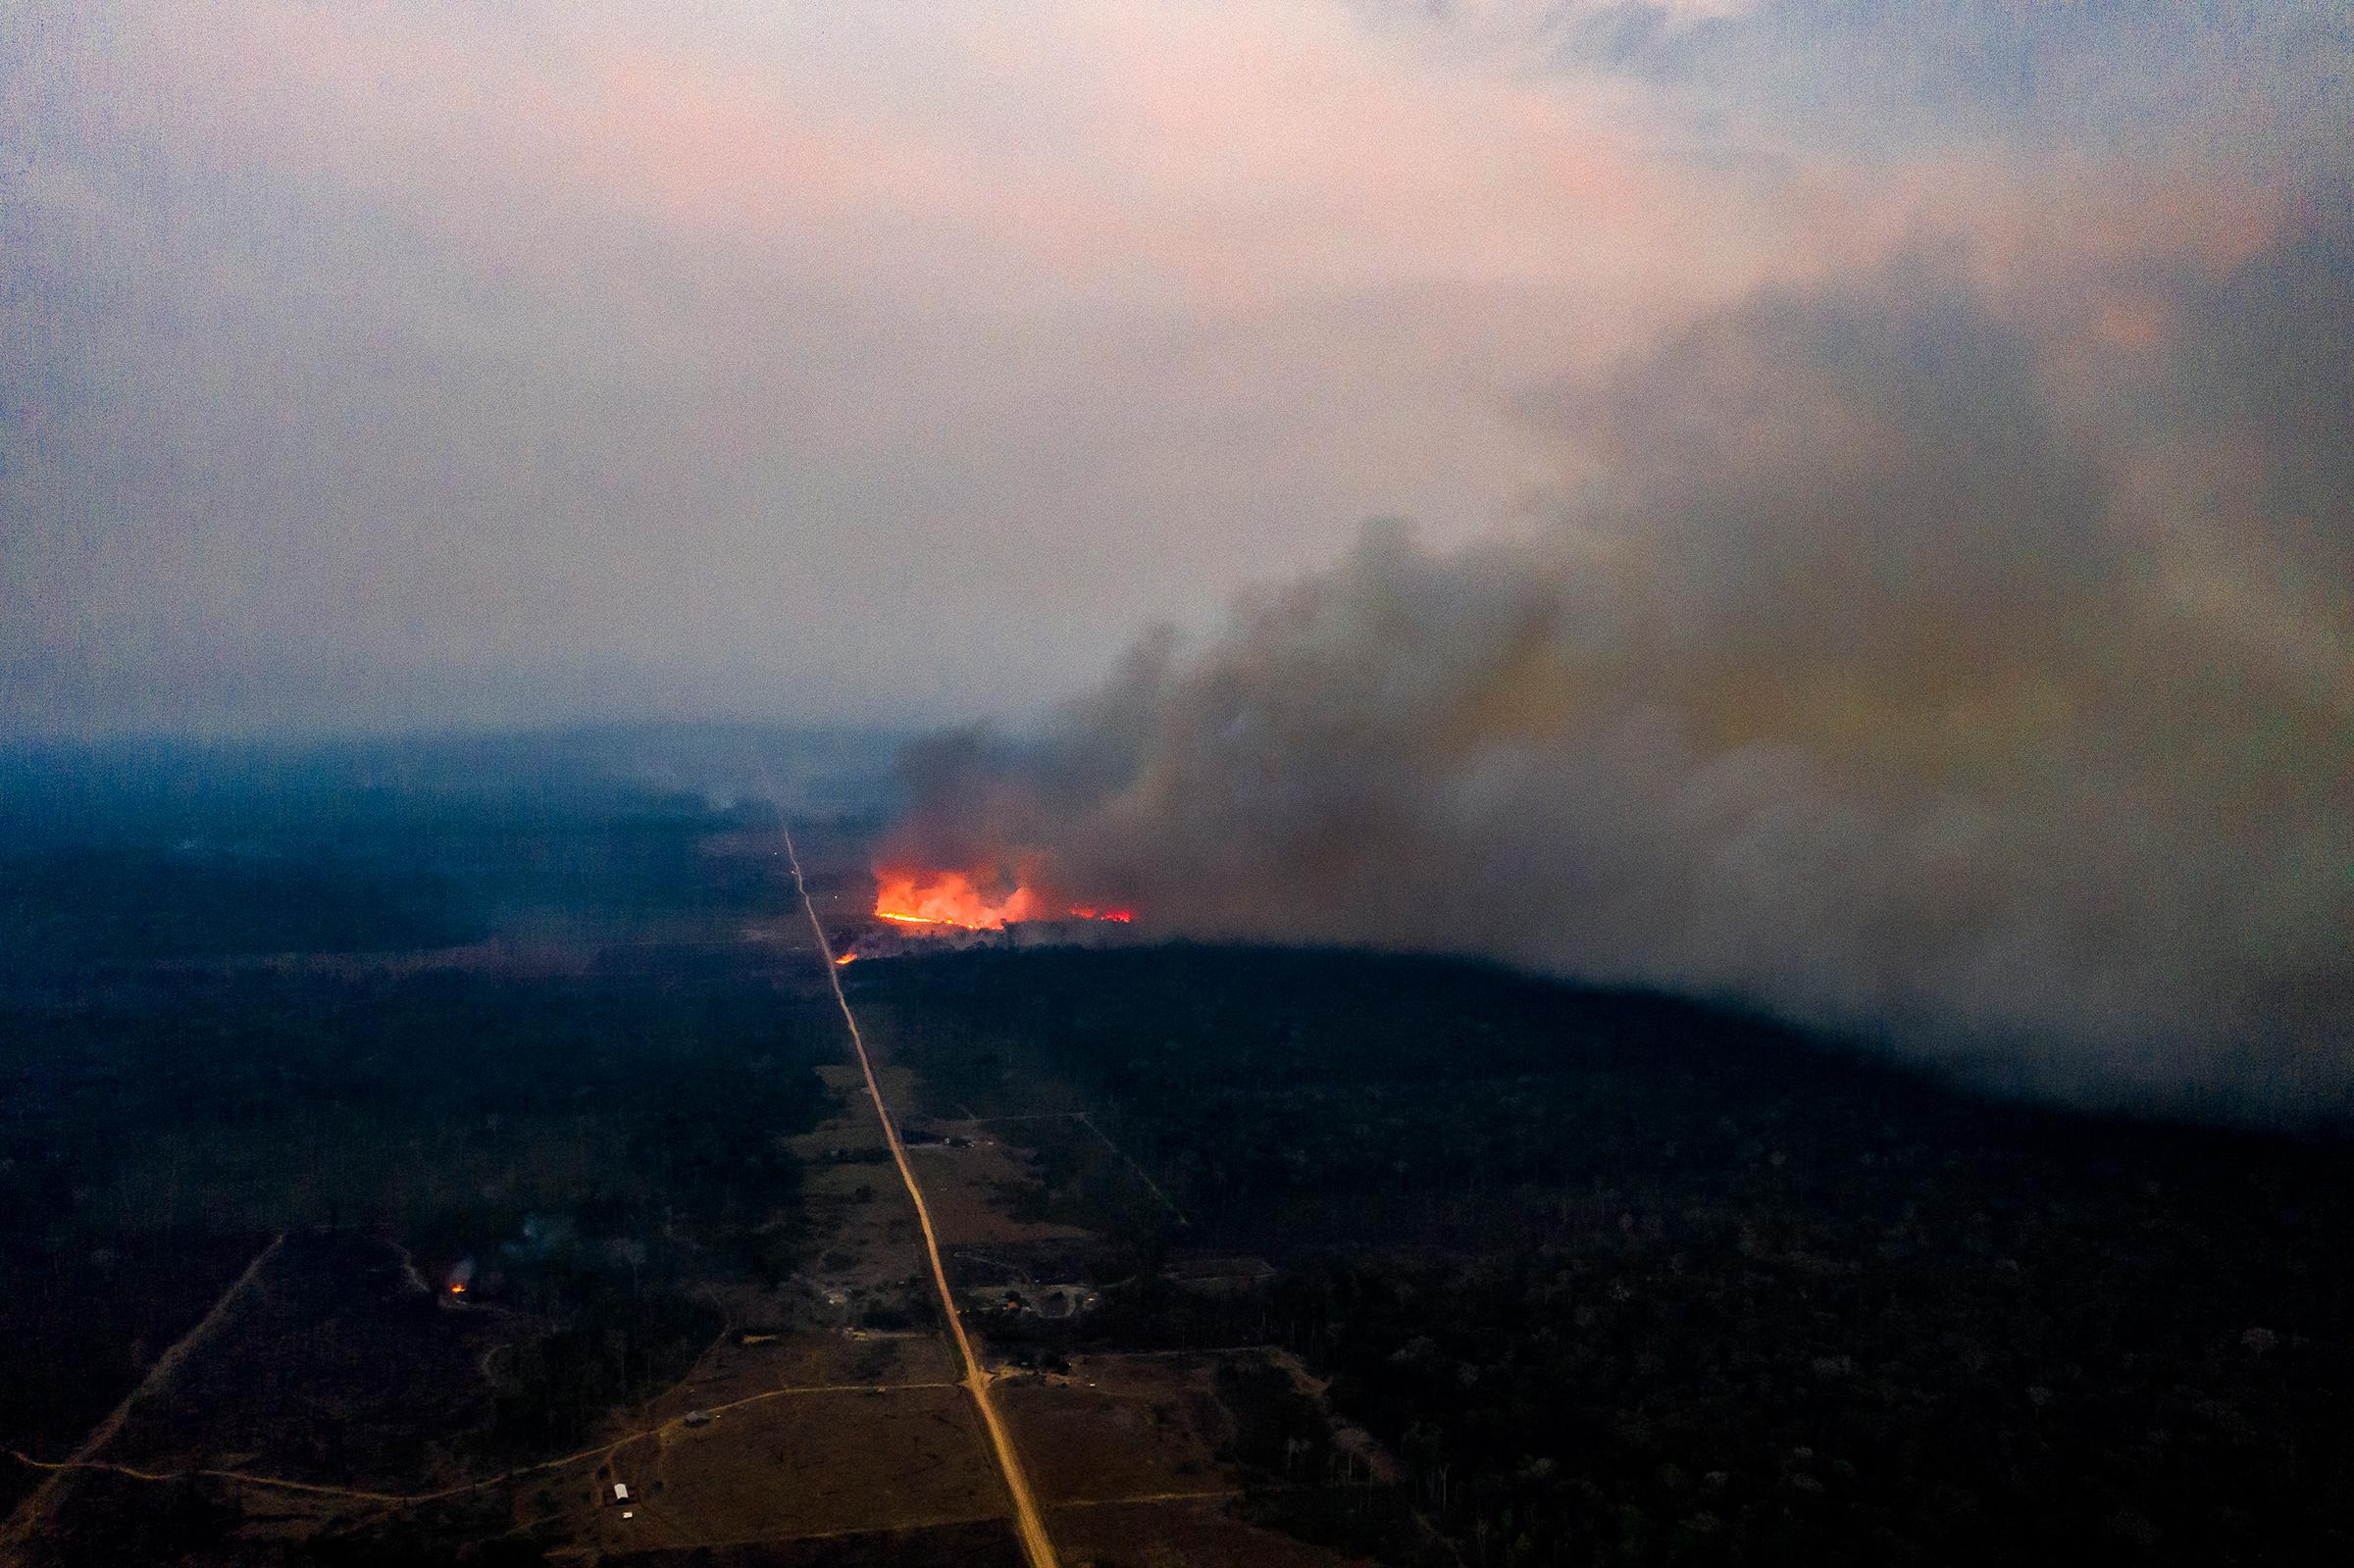 A fire in the region of Vila Nova Samuel on Aug. 27.